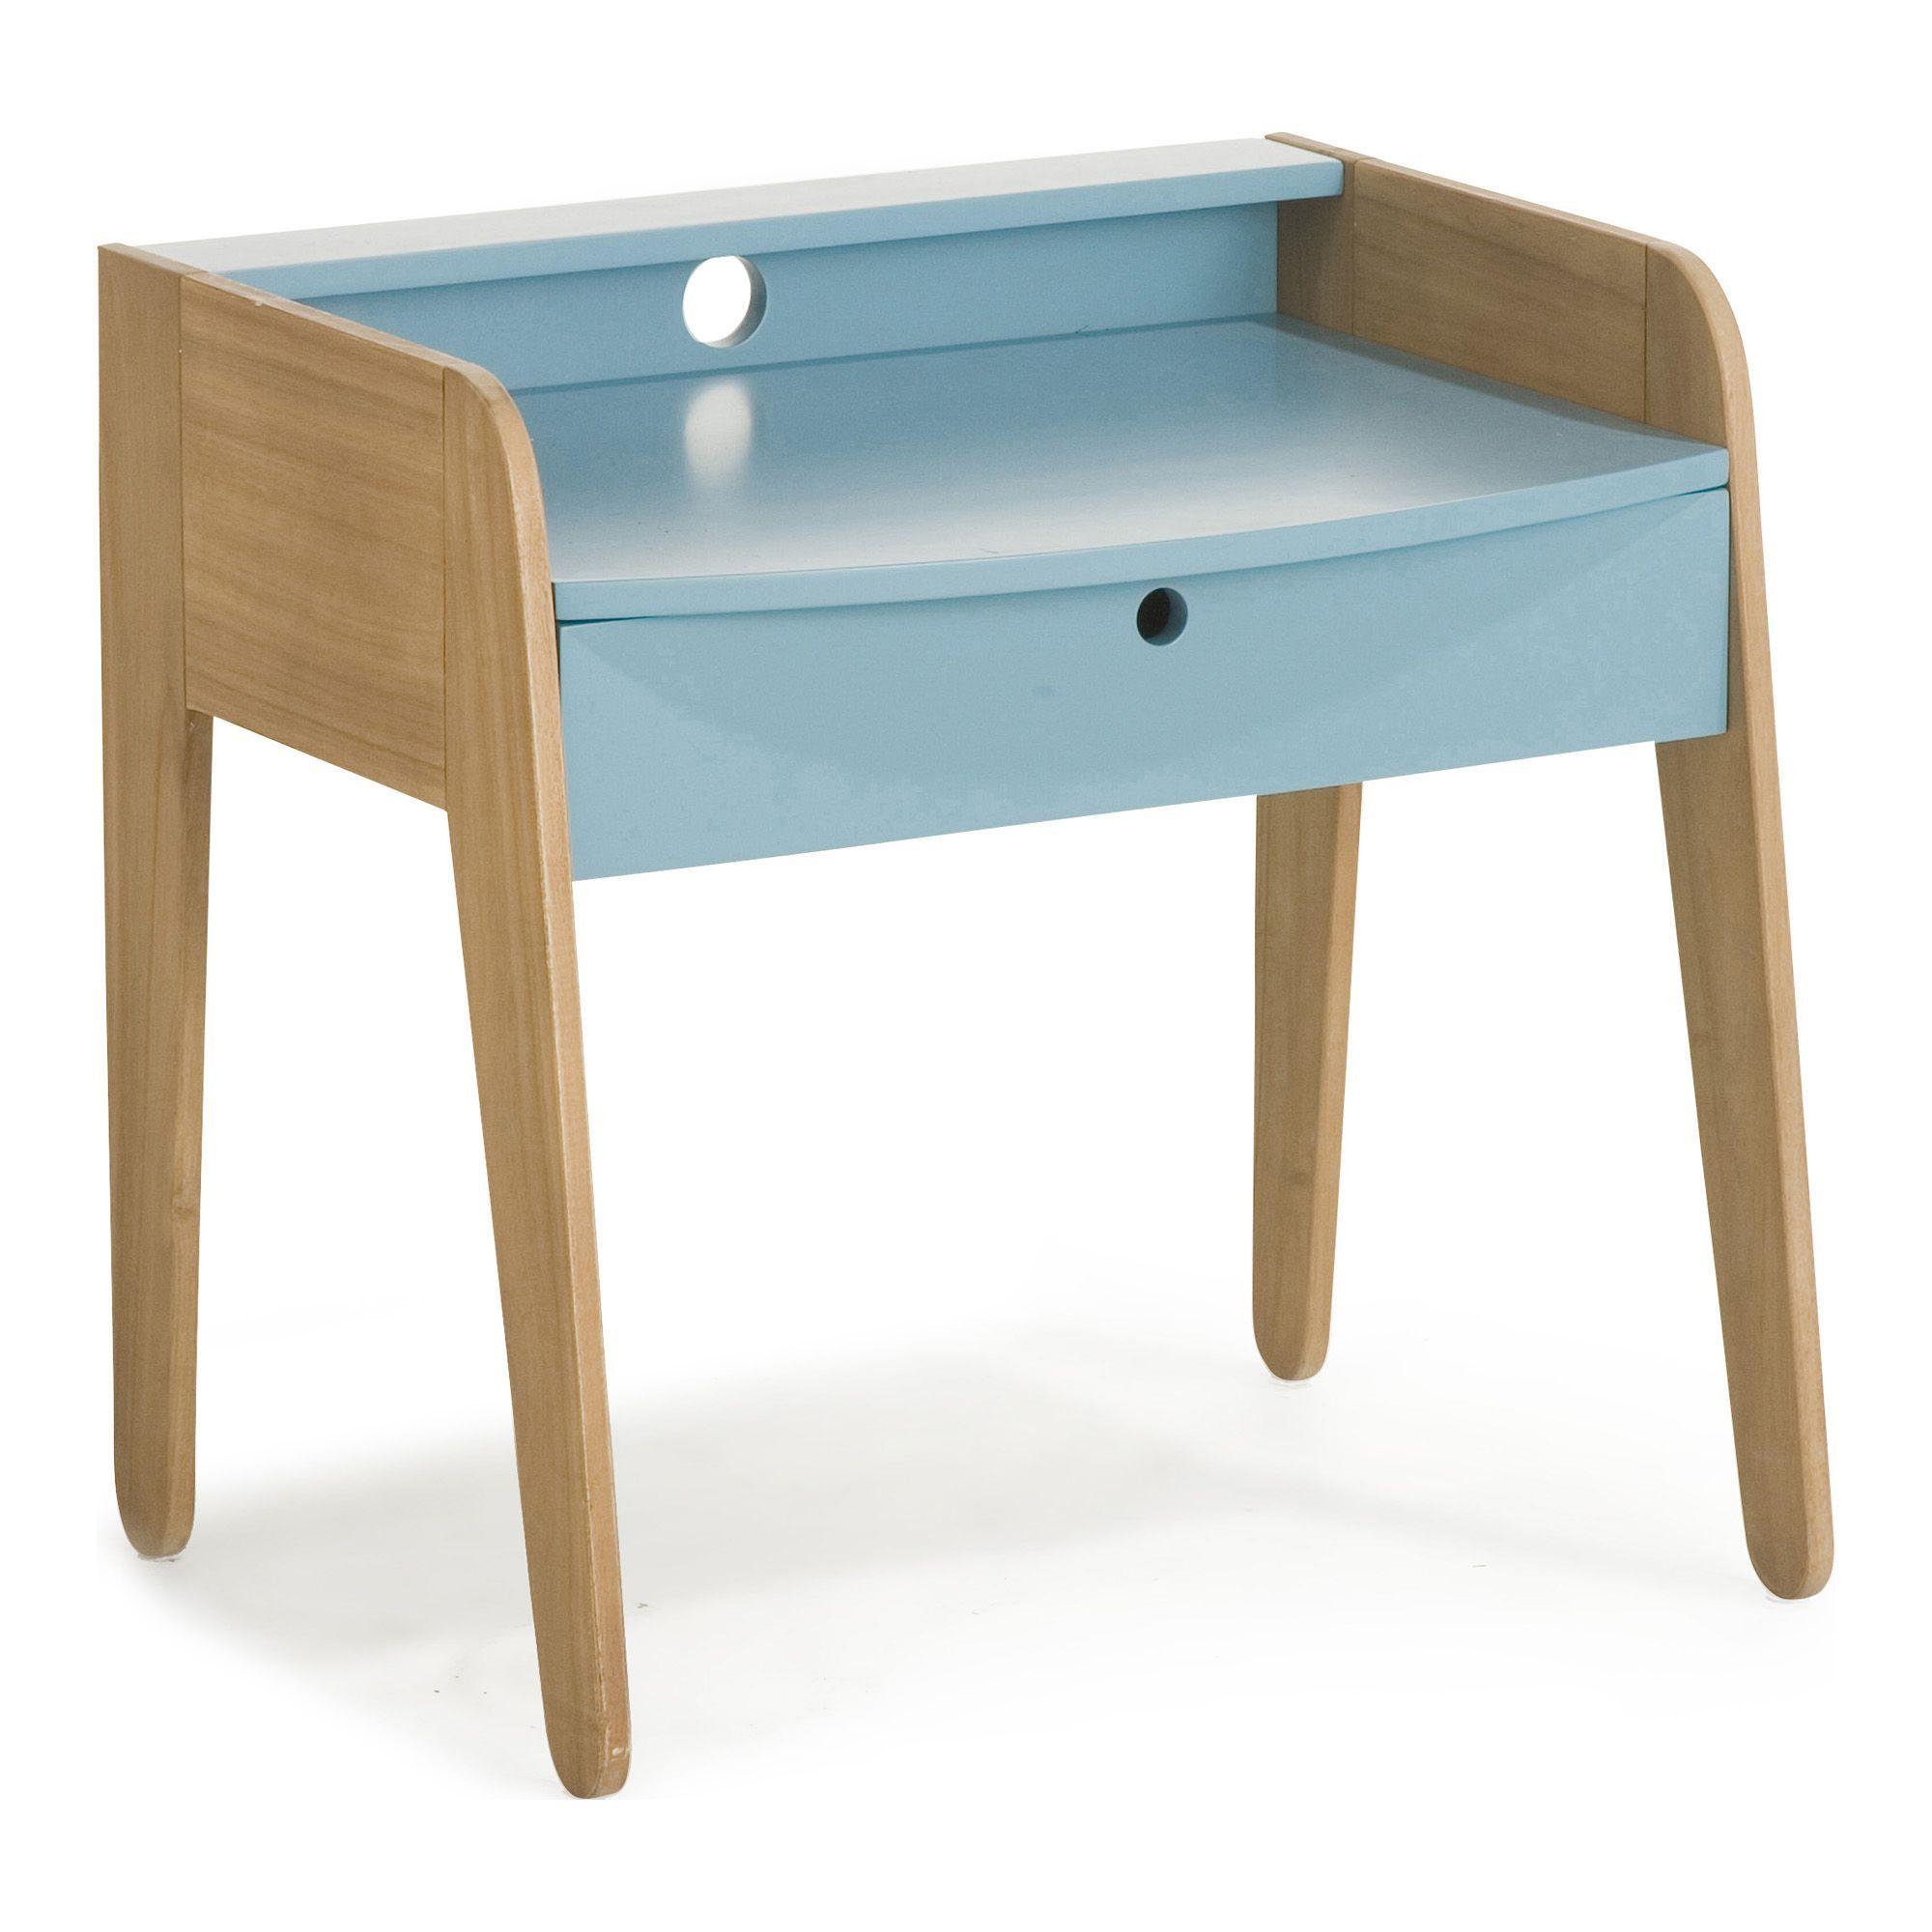 petit bureau vintage bleu pour enfant vintage bureaux enfants meubles pour chambre enfant. Black Bedroom Furniture Sets. Home Design Ideas